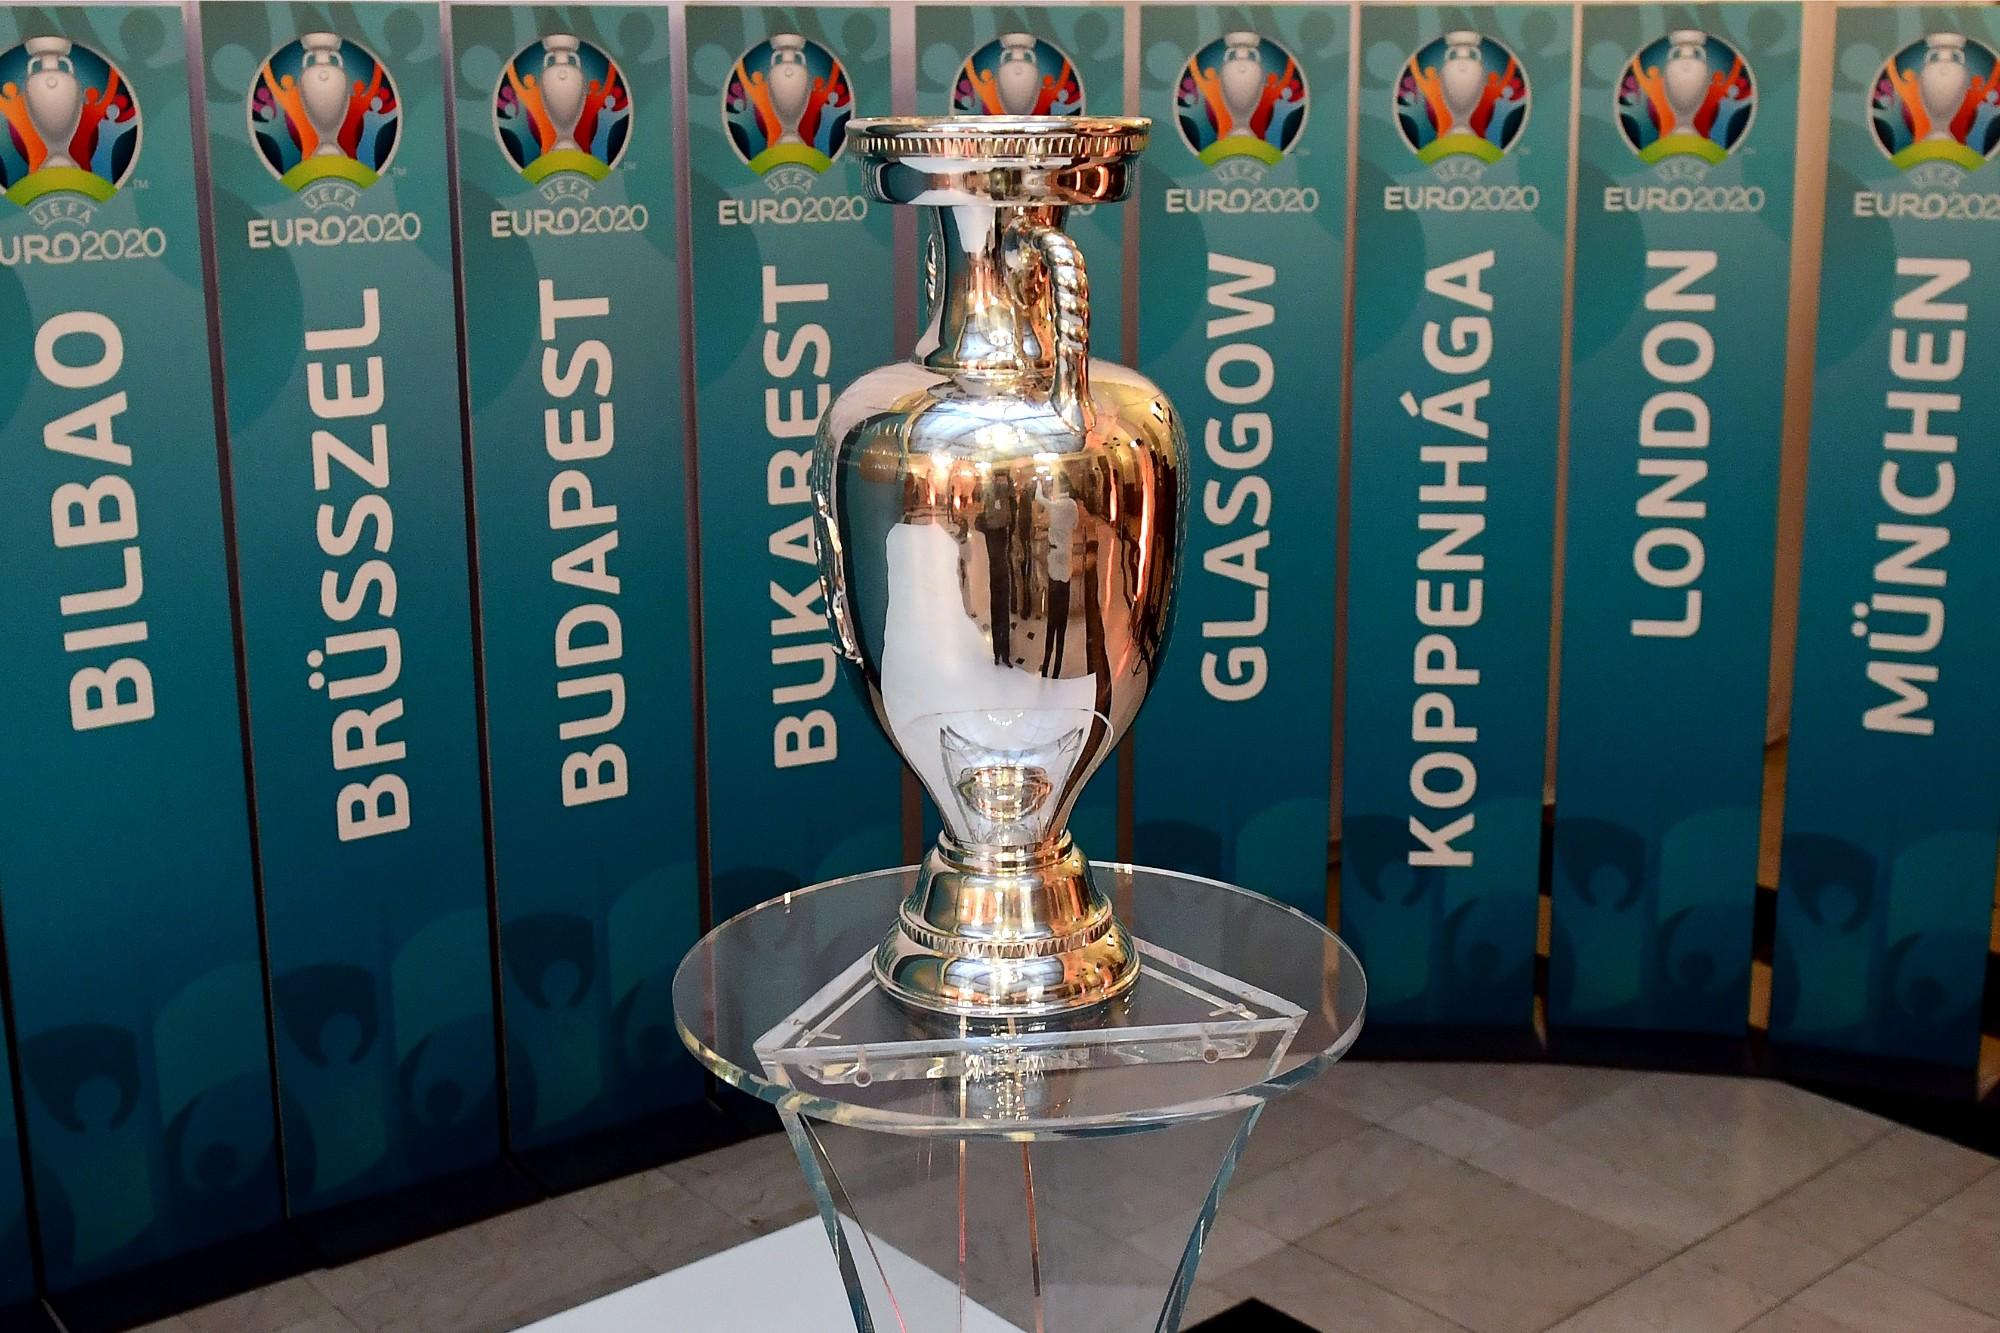 ويفا يعتمد رسميا روما بين المدن المضيفة لكأس أوروبا 2020